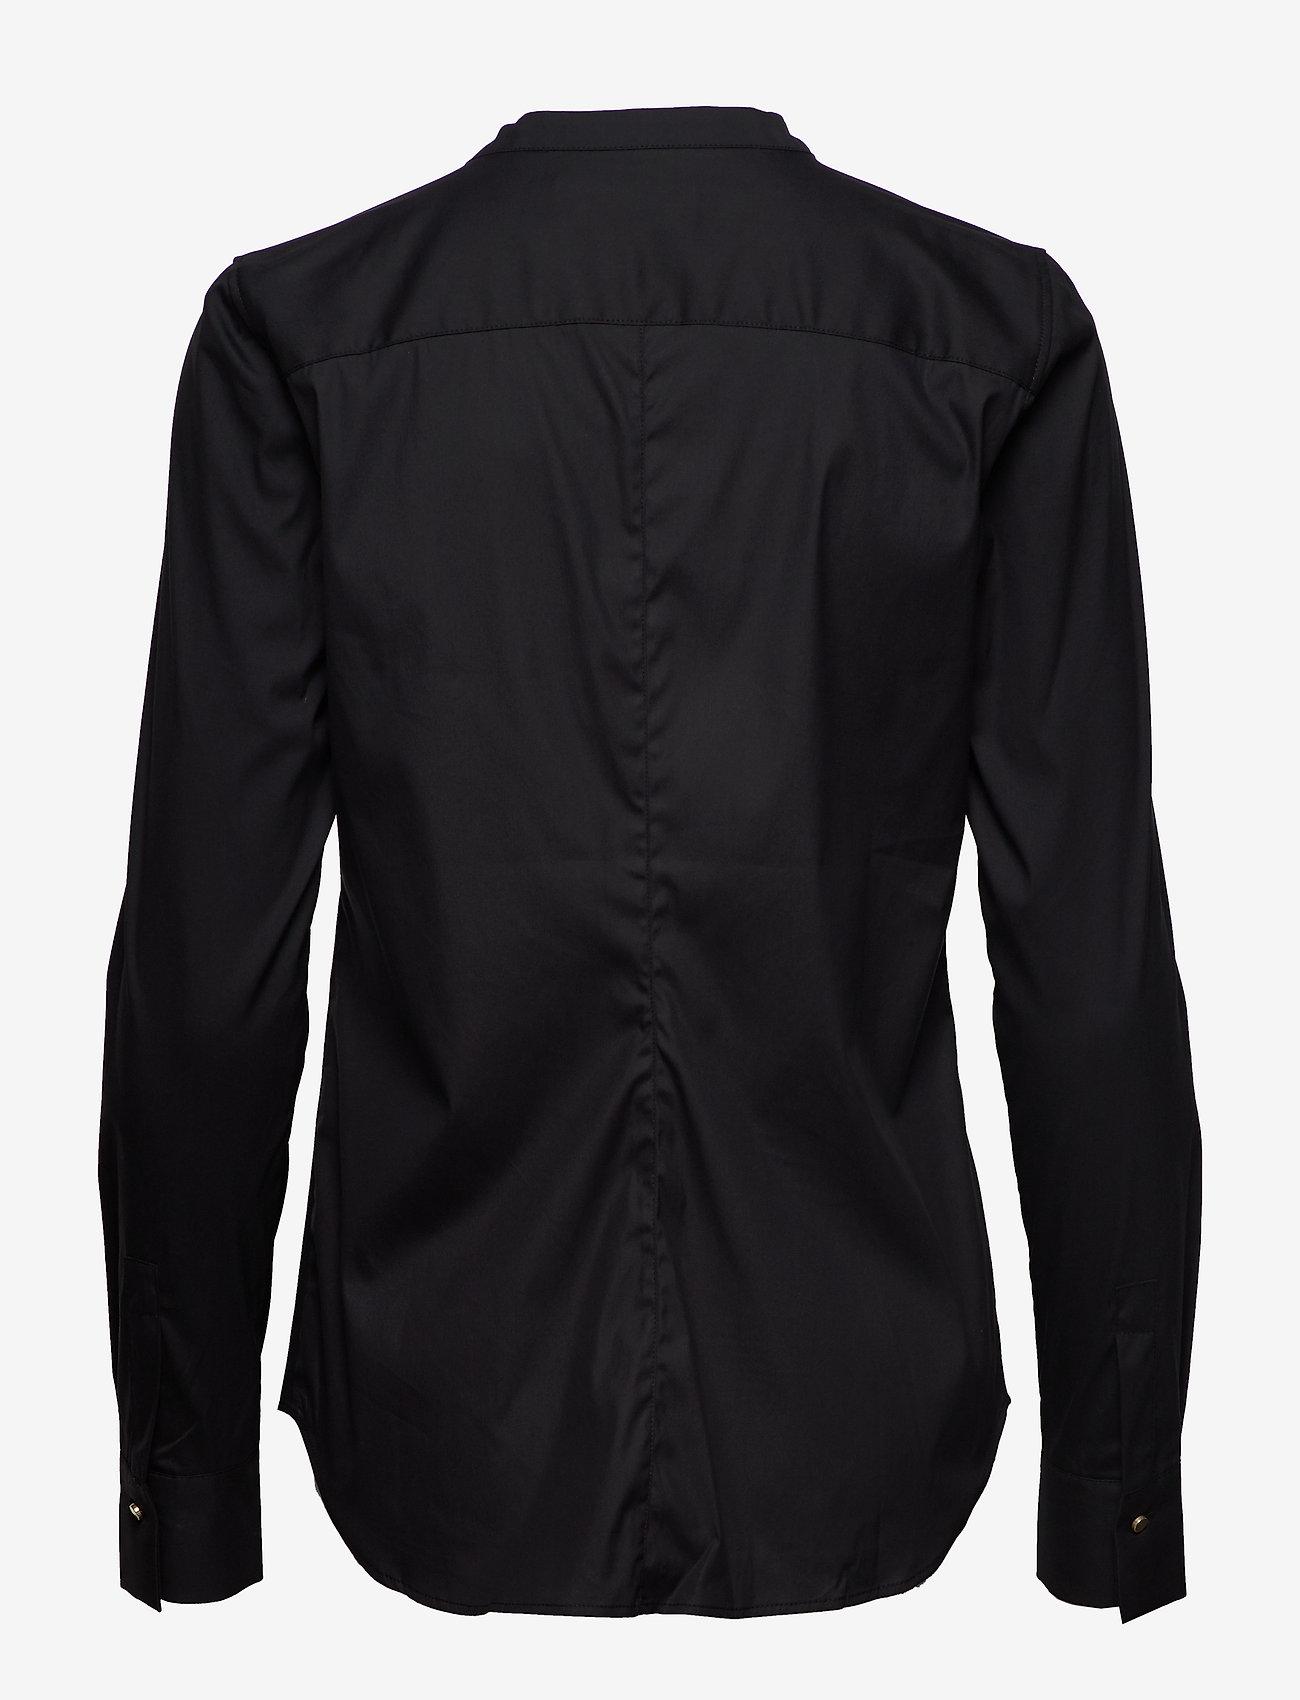 MOS MOSH Maggie Golden Shirt - Bluzki & Koszule BLACK - Kobiety Odzież.